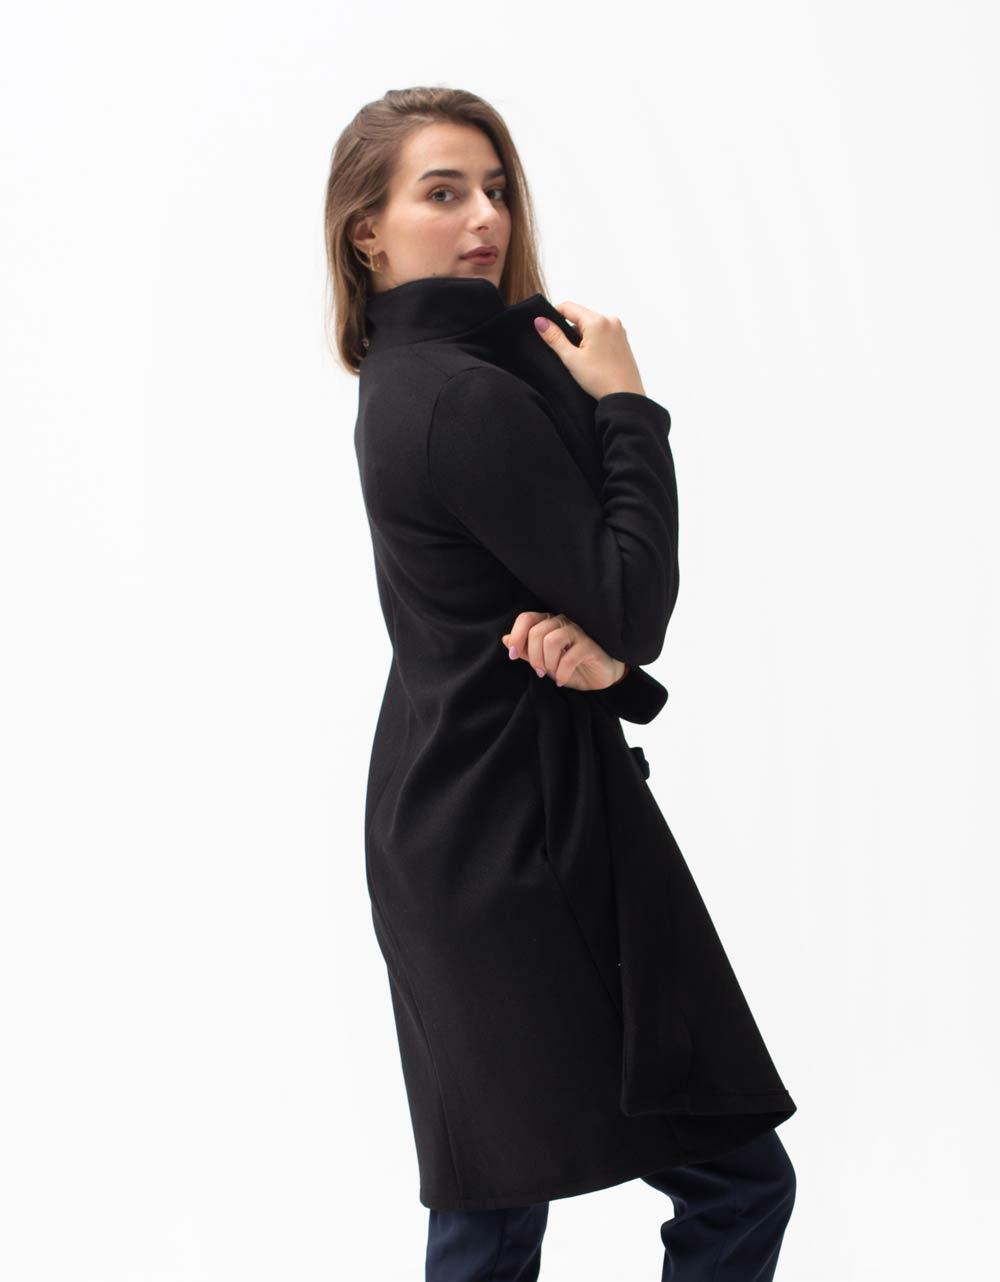 Εικόνα από Γυναικείο πανωφόρι με γιακά Μαύρο